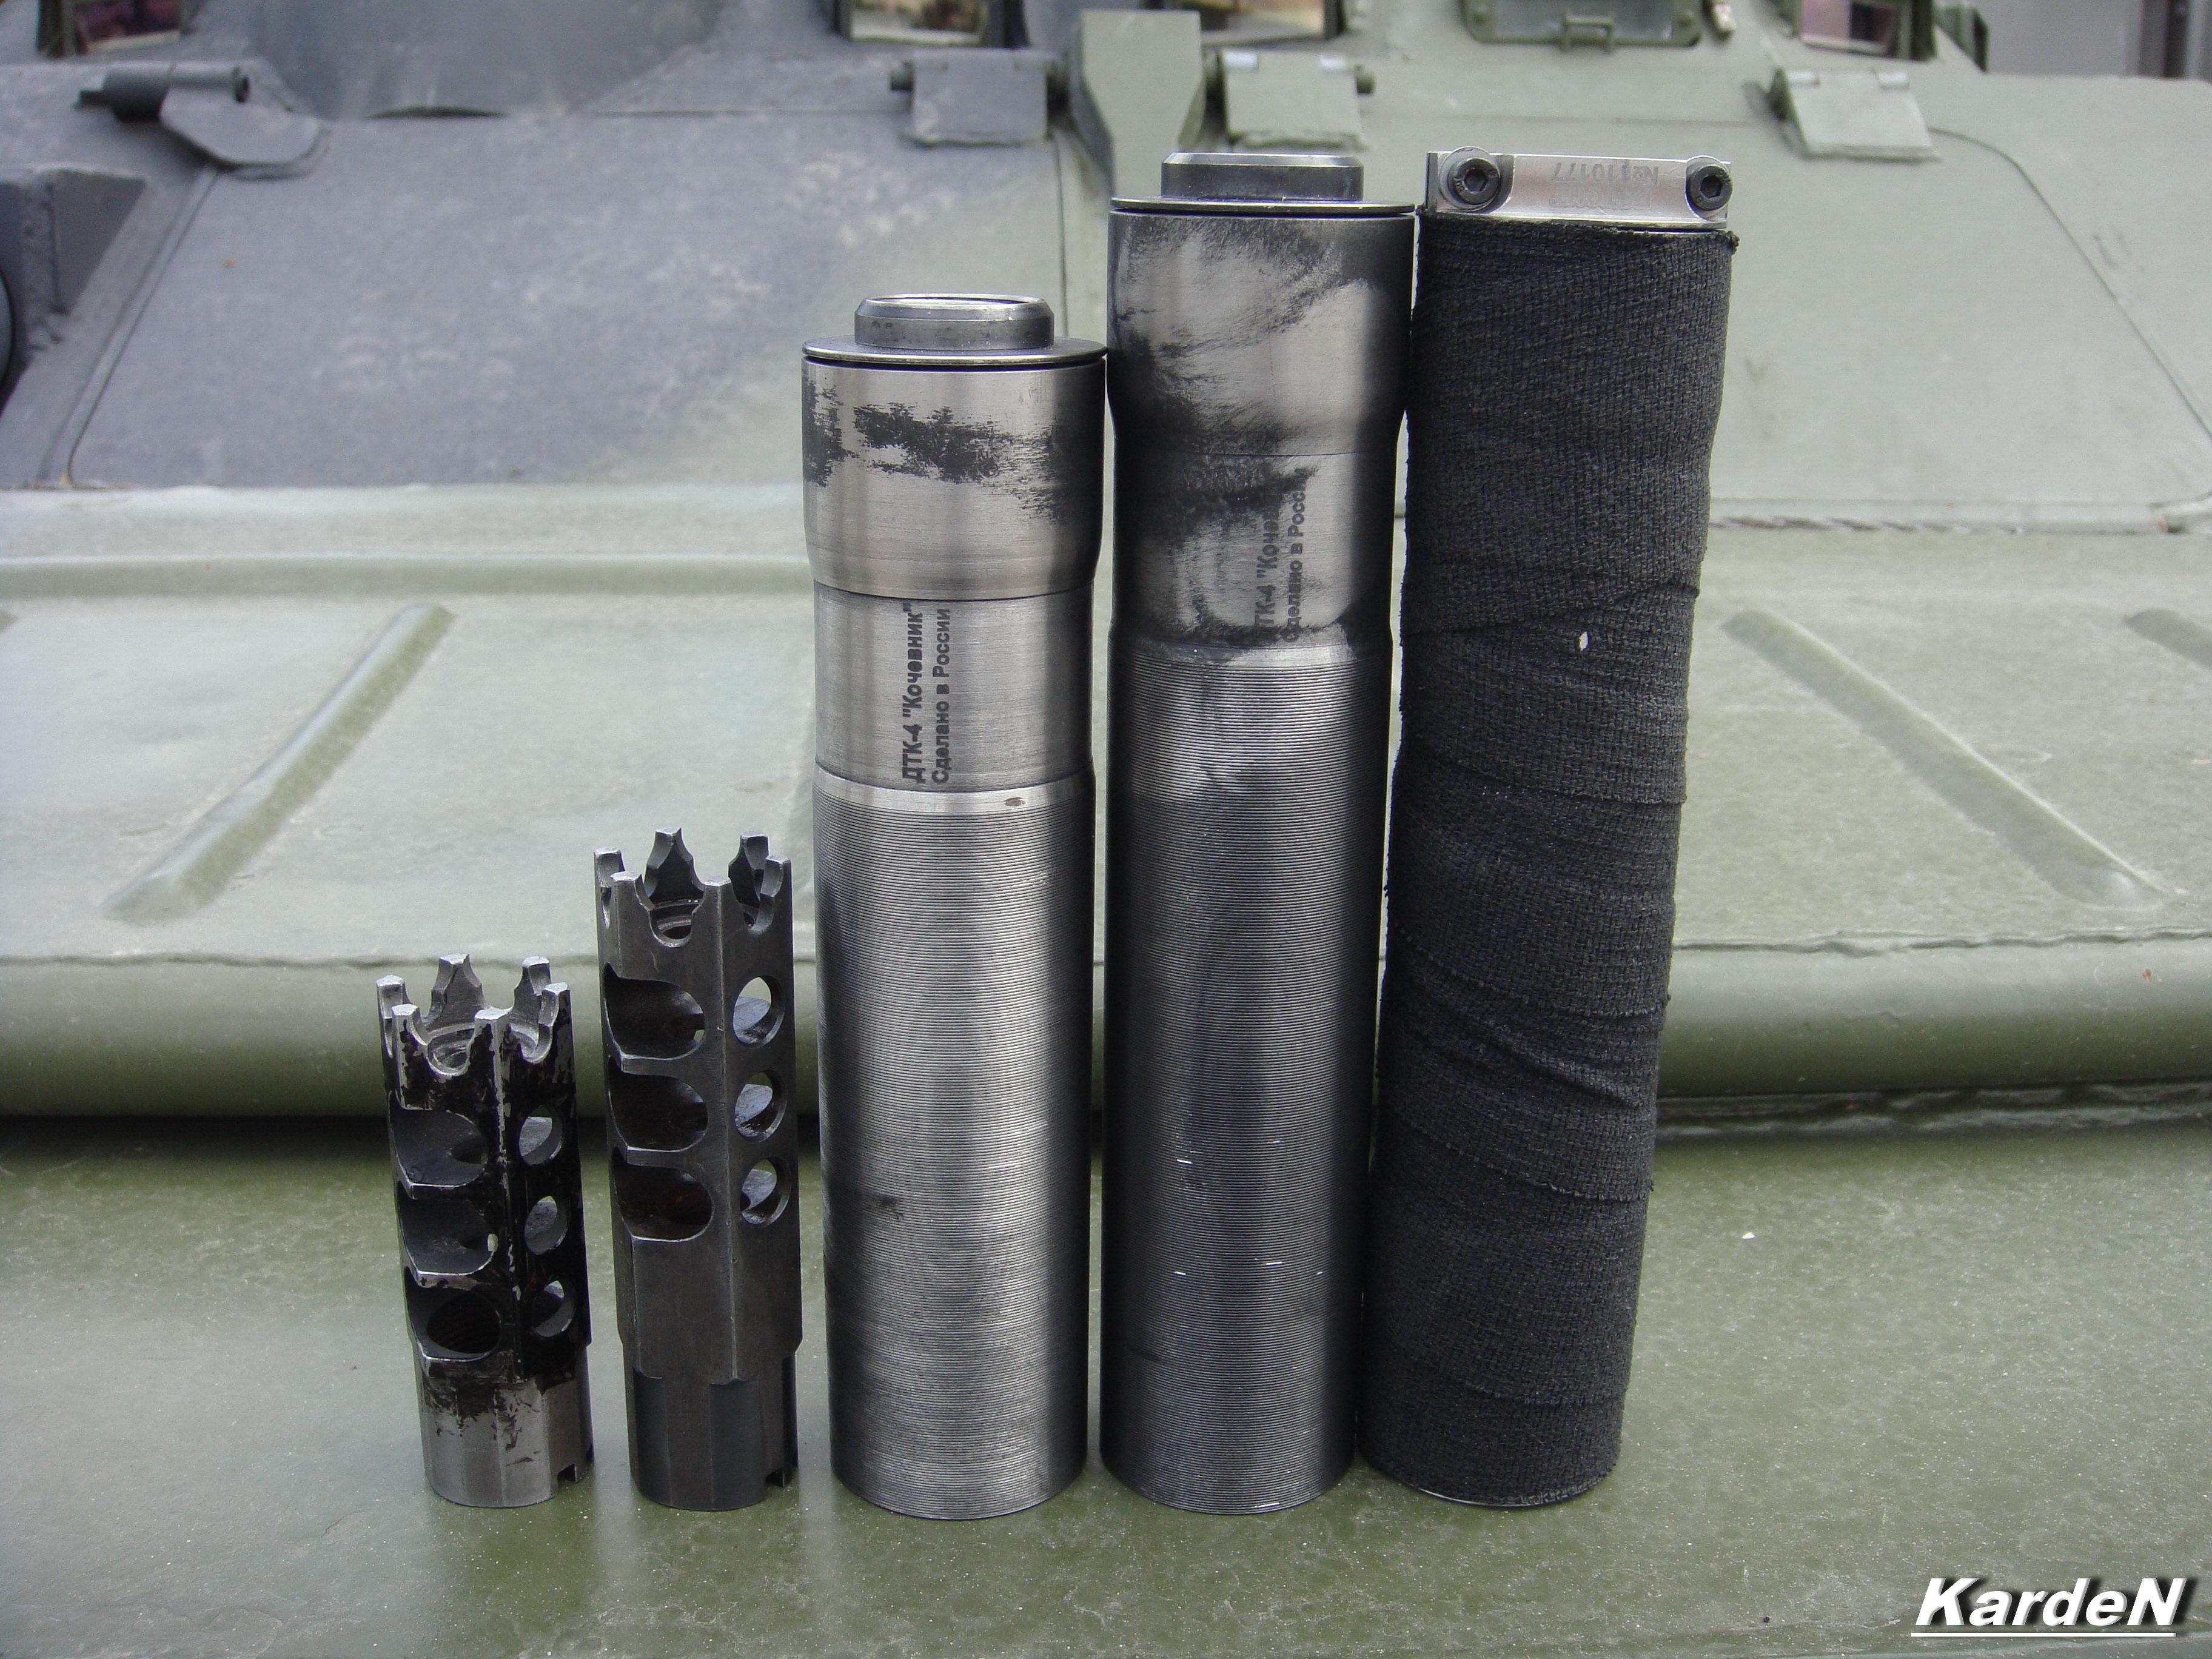 dtk-1-dct-3-dct-4-7-62-dtk-4-5-45-dtk-4-7-62-m